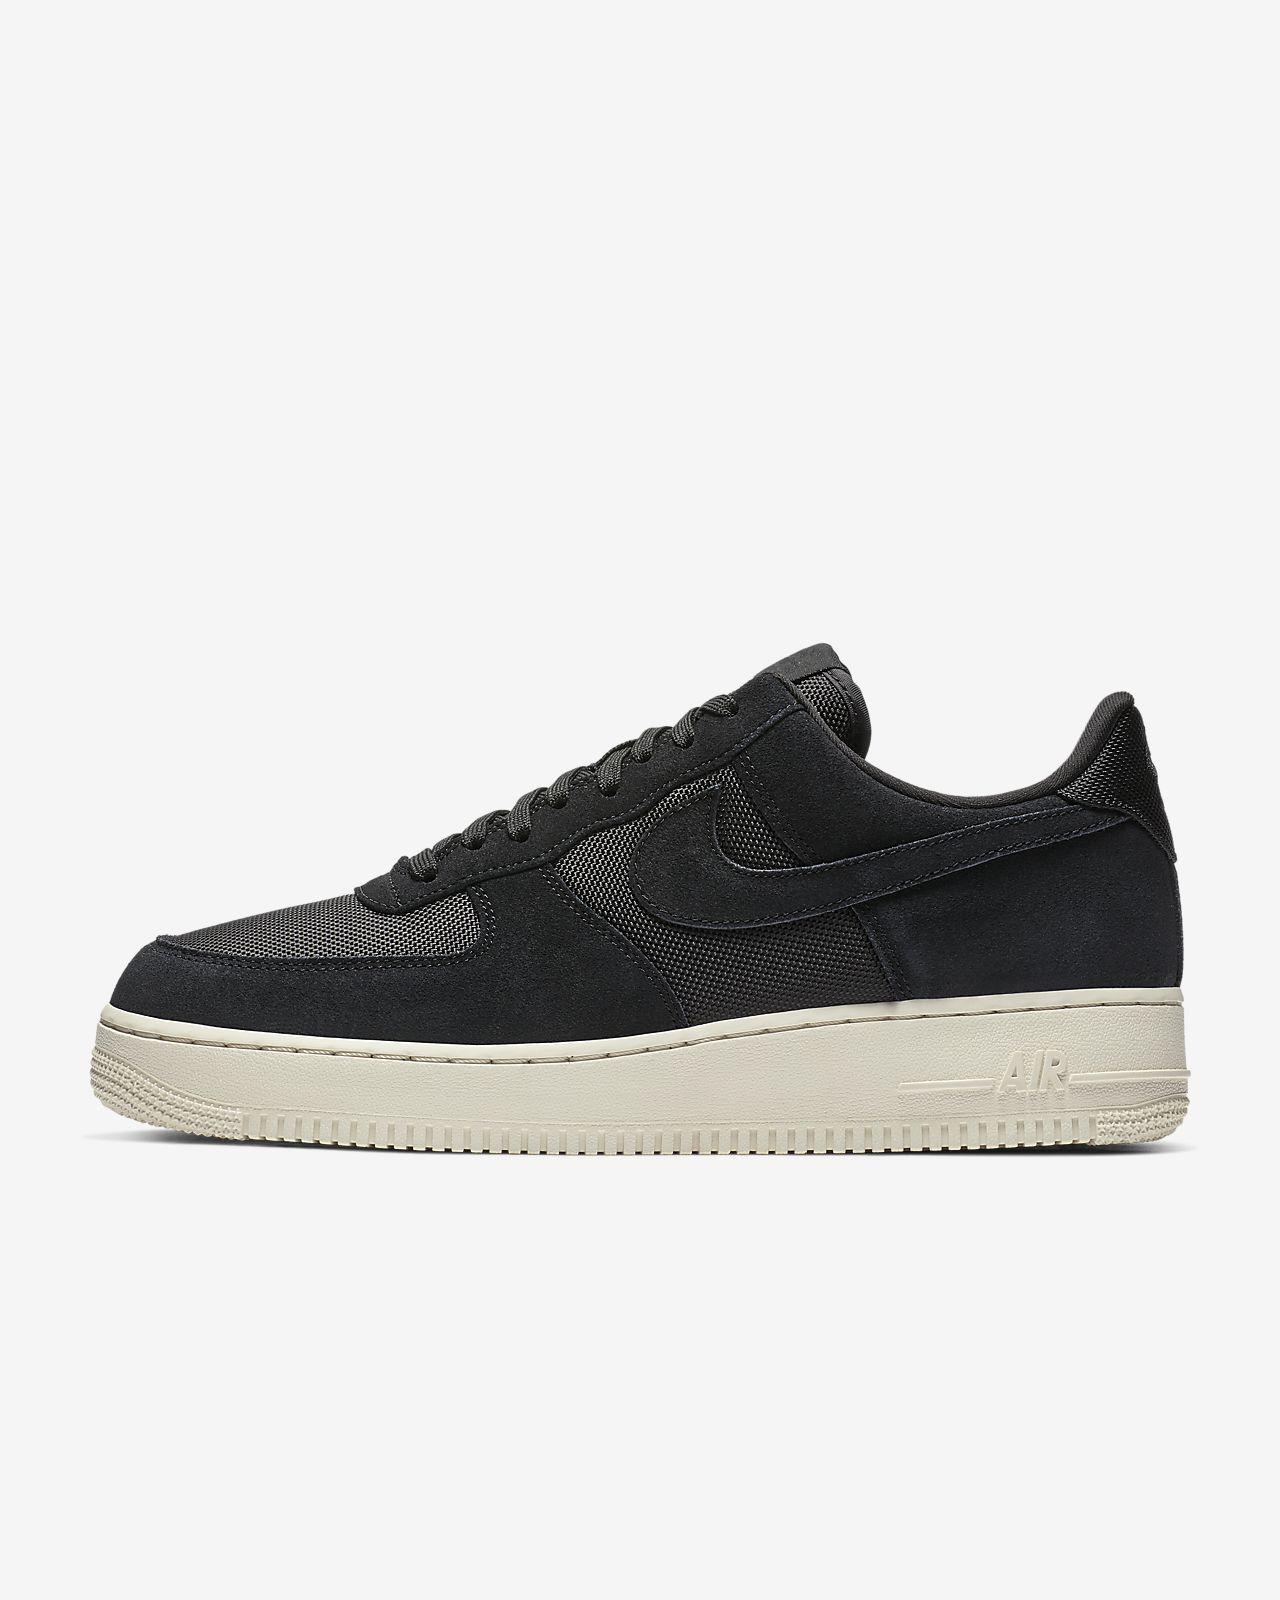 49c916160 Nike Air Force 1 '07 1 Men's Shoe. Nike.com